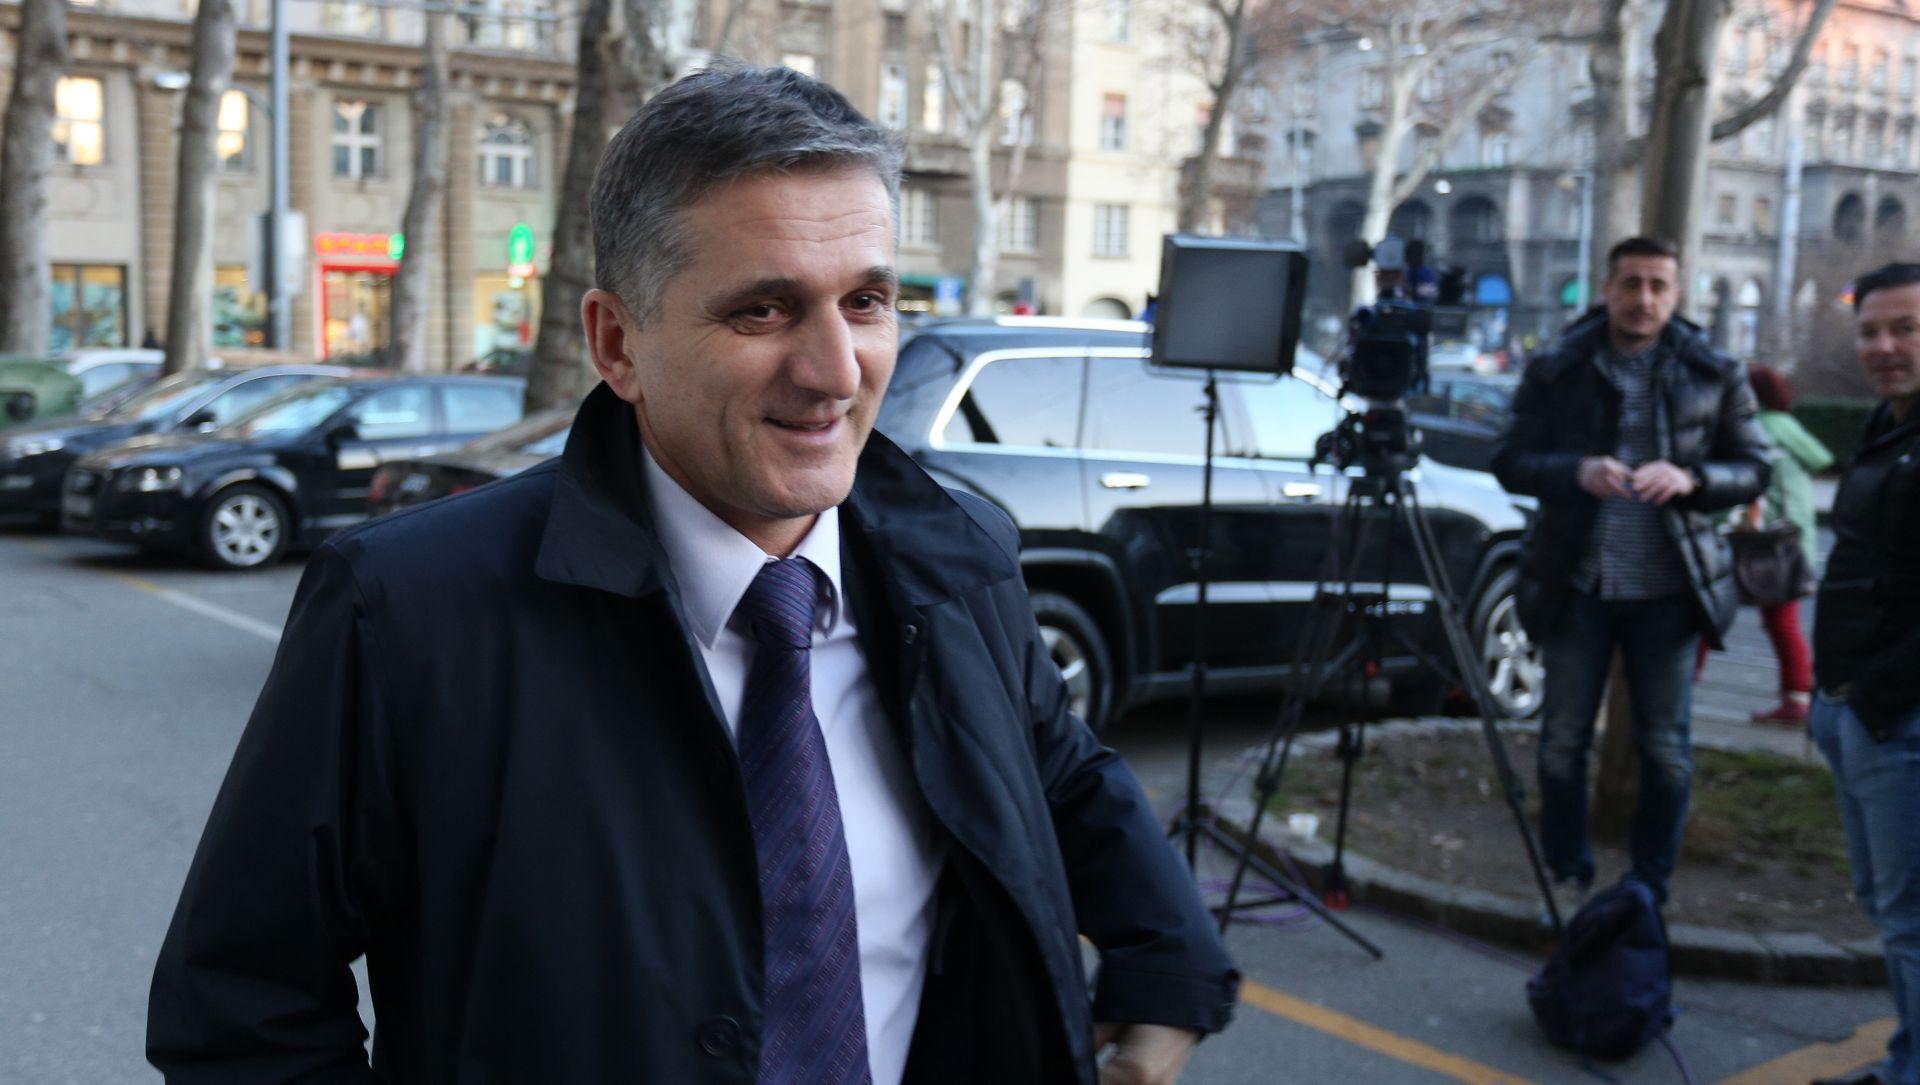 Imenovanje brata ministra Gorana Marića izazvalo različite komentare